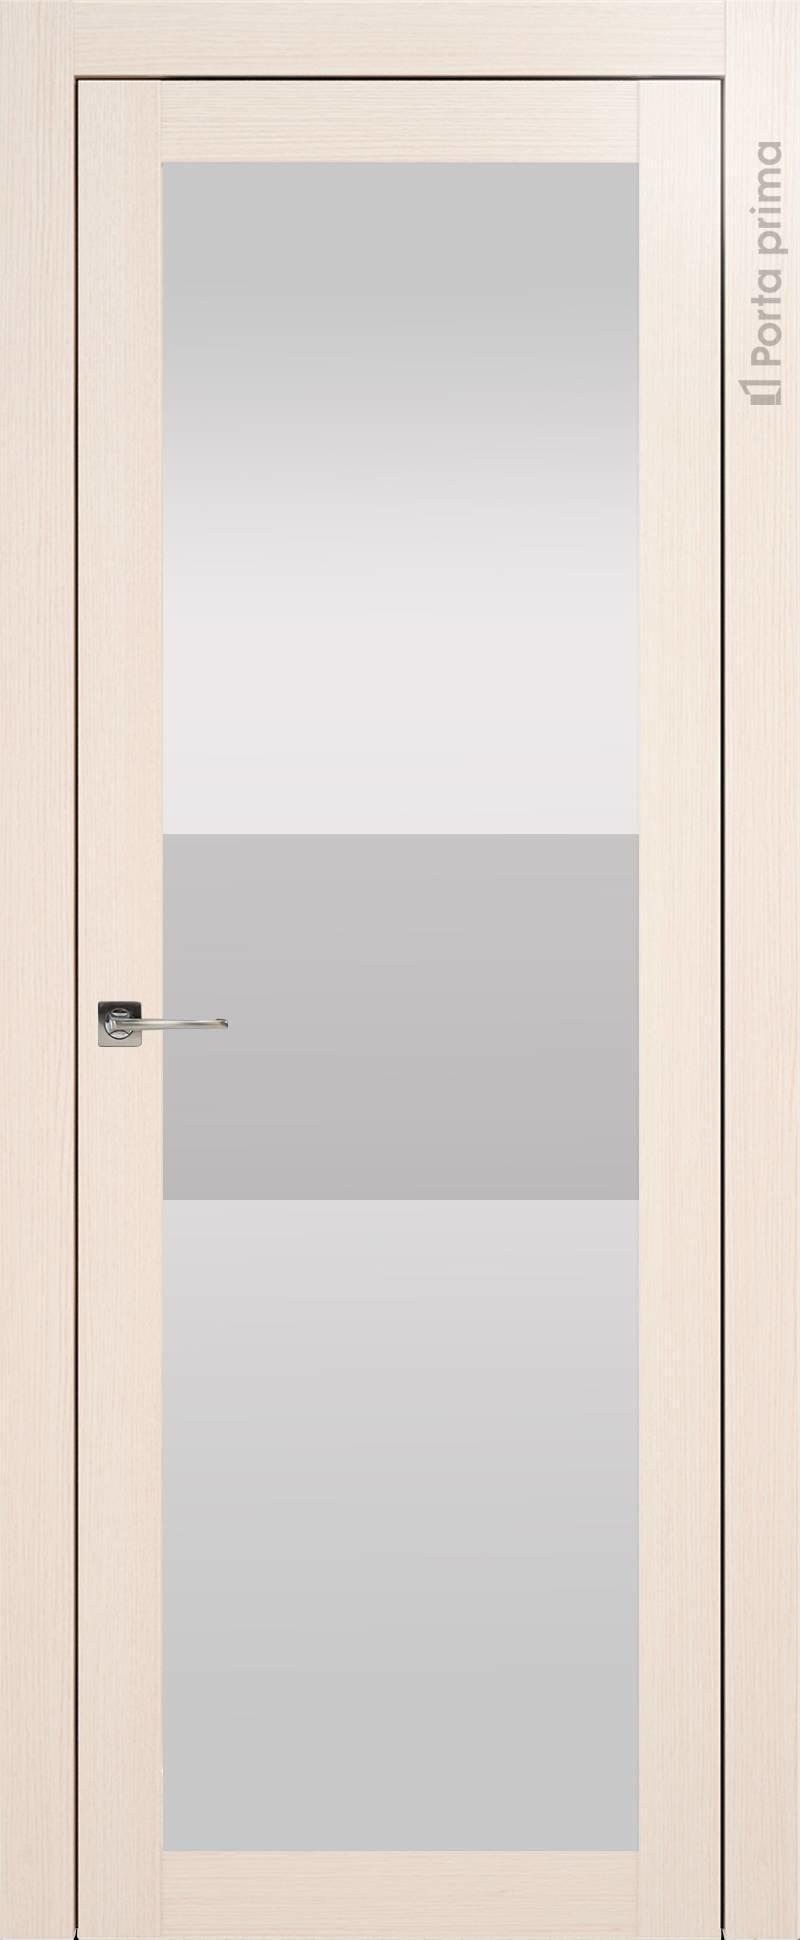 Tivoli З-4 цвет - Беленый дуб Со стеклом (ДО)